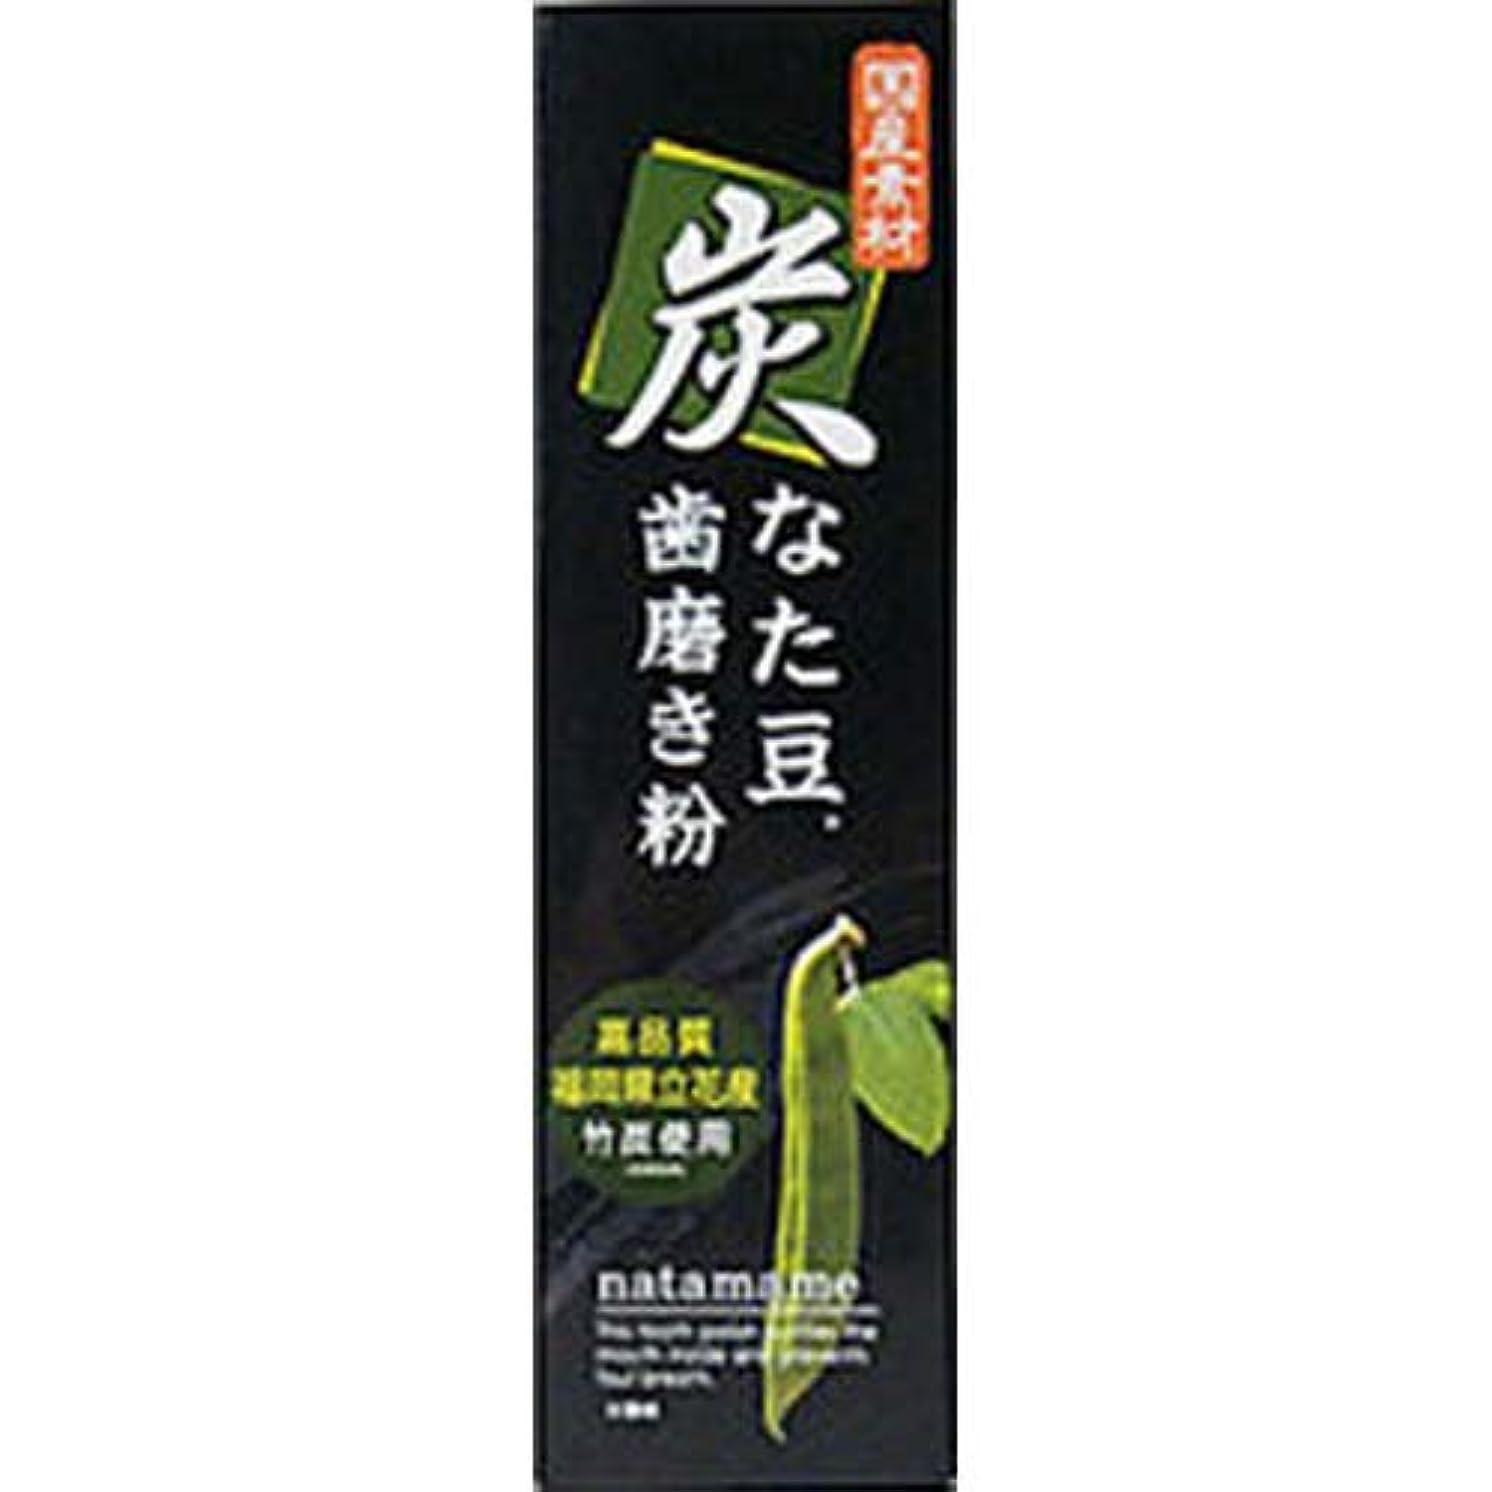 体細胞ノミネート勇敢な炭なた豆歯磨き粉 120g